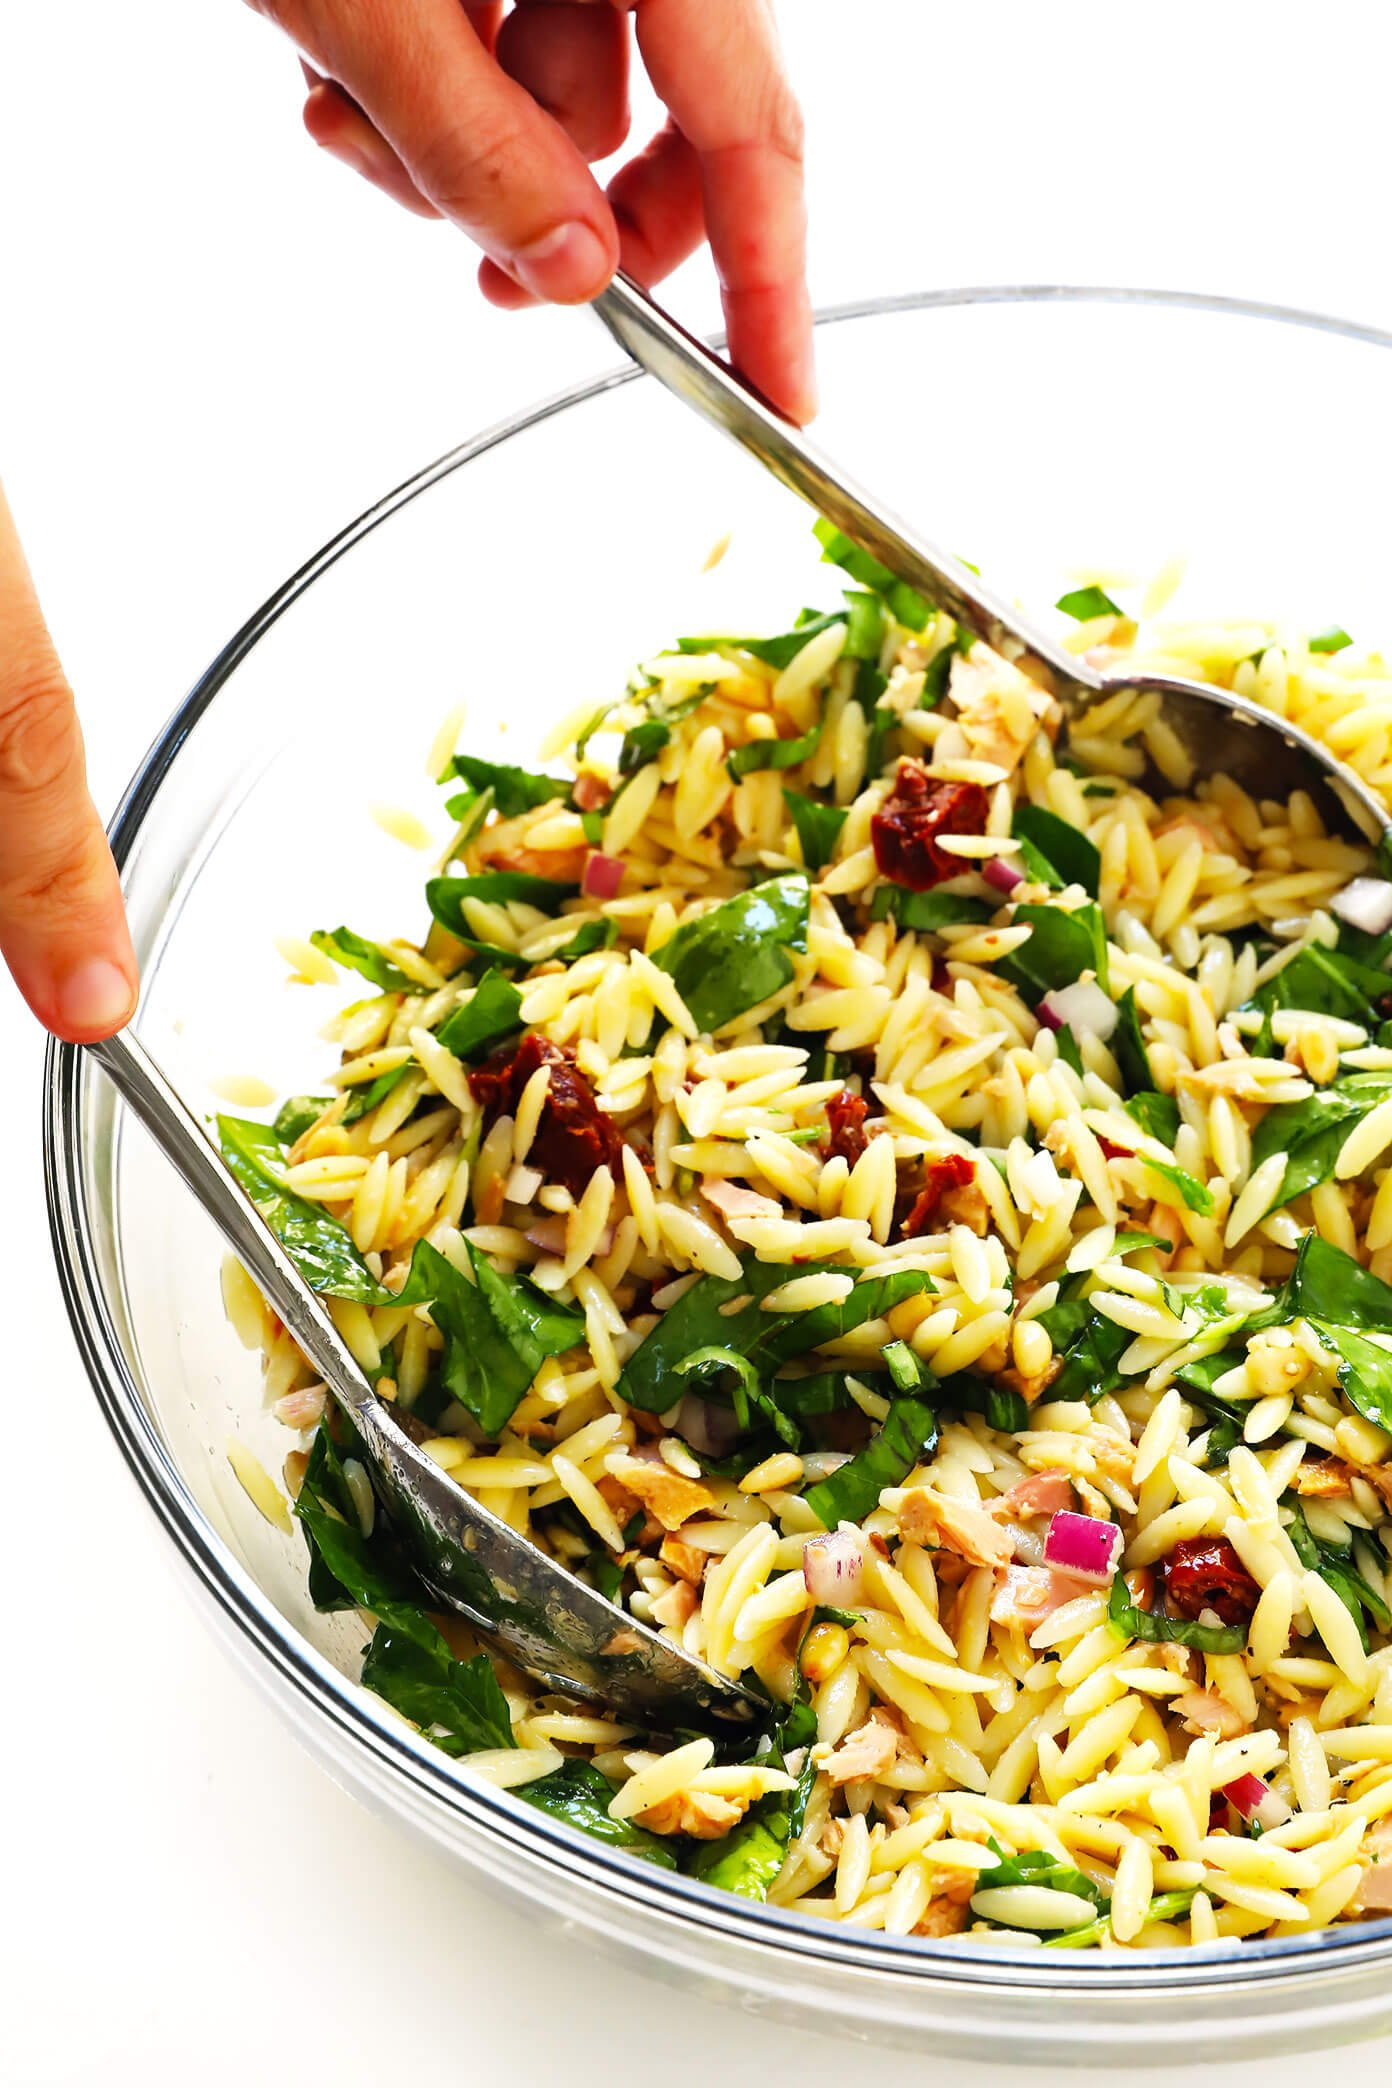 How To Make Italian Orzo Tuna Salad